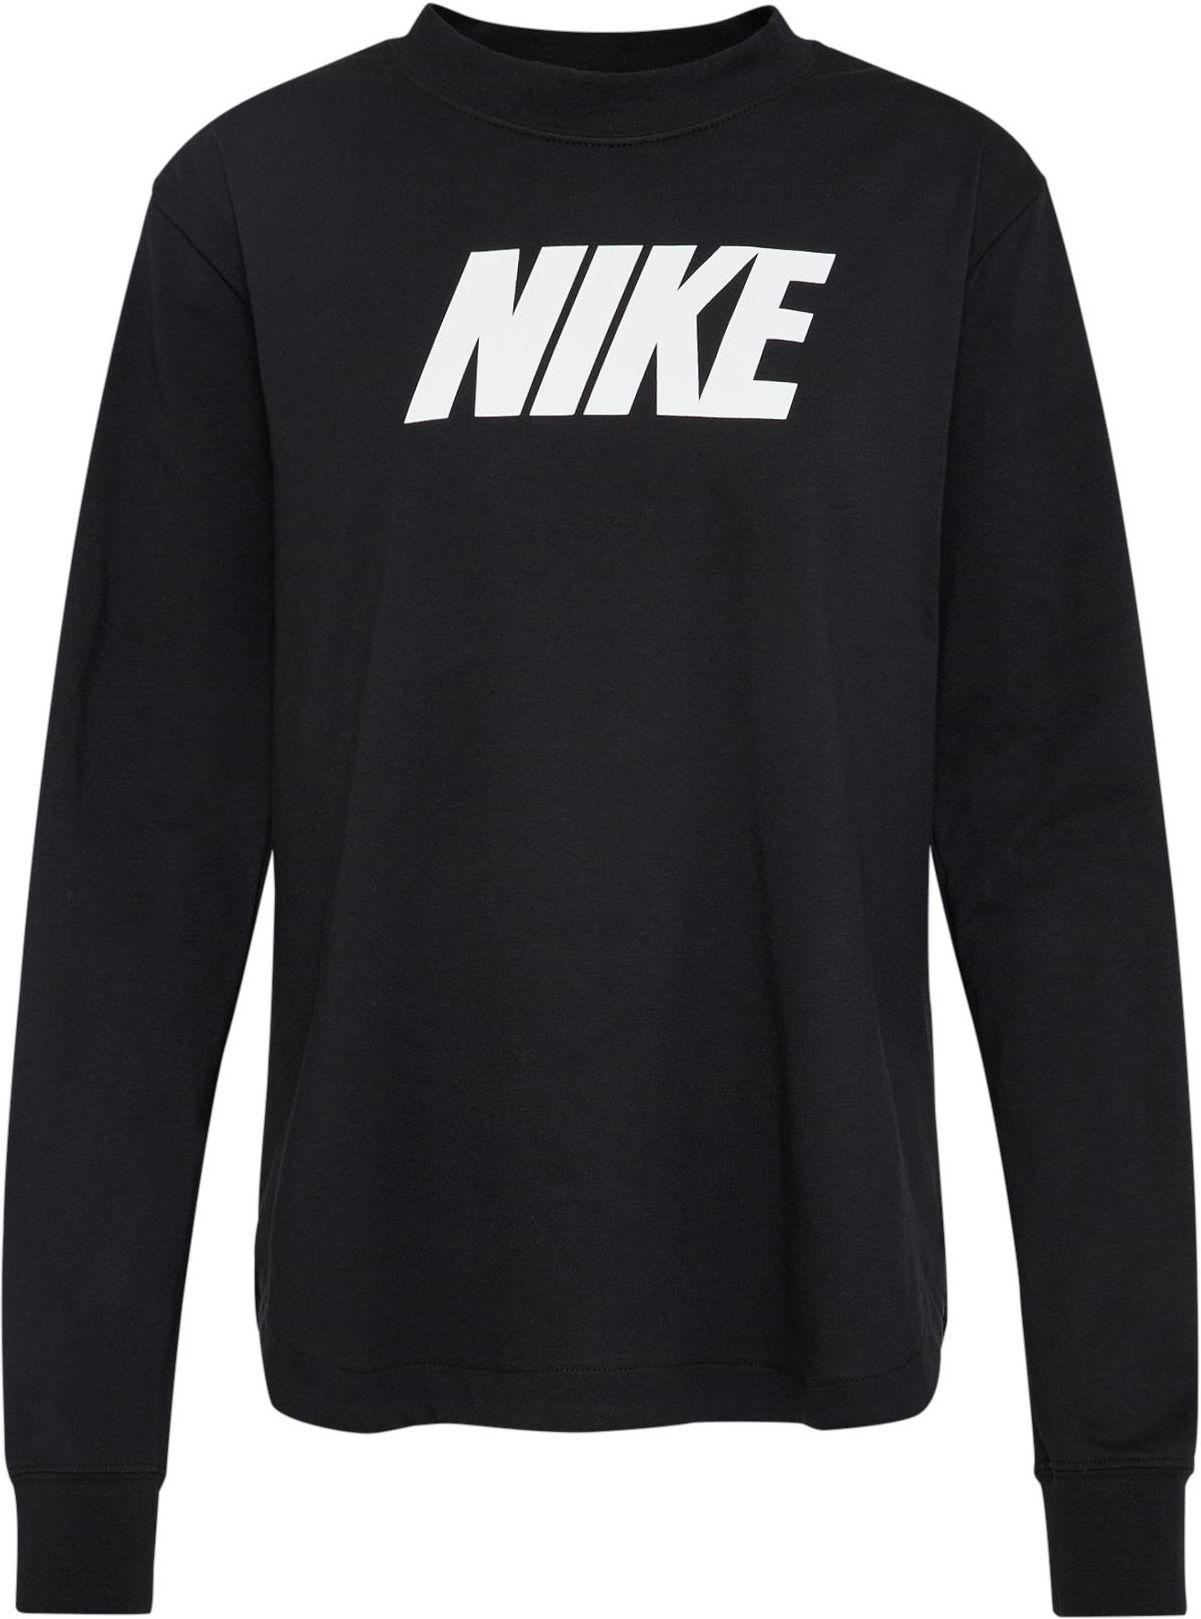 b2ab8e7be Nike Sportswear Koszulka 'W NSW AV15' Czarny - Ceny i opinie - Ceneo.pl